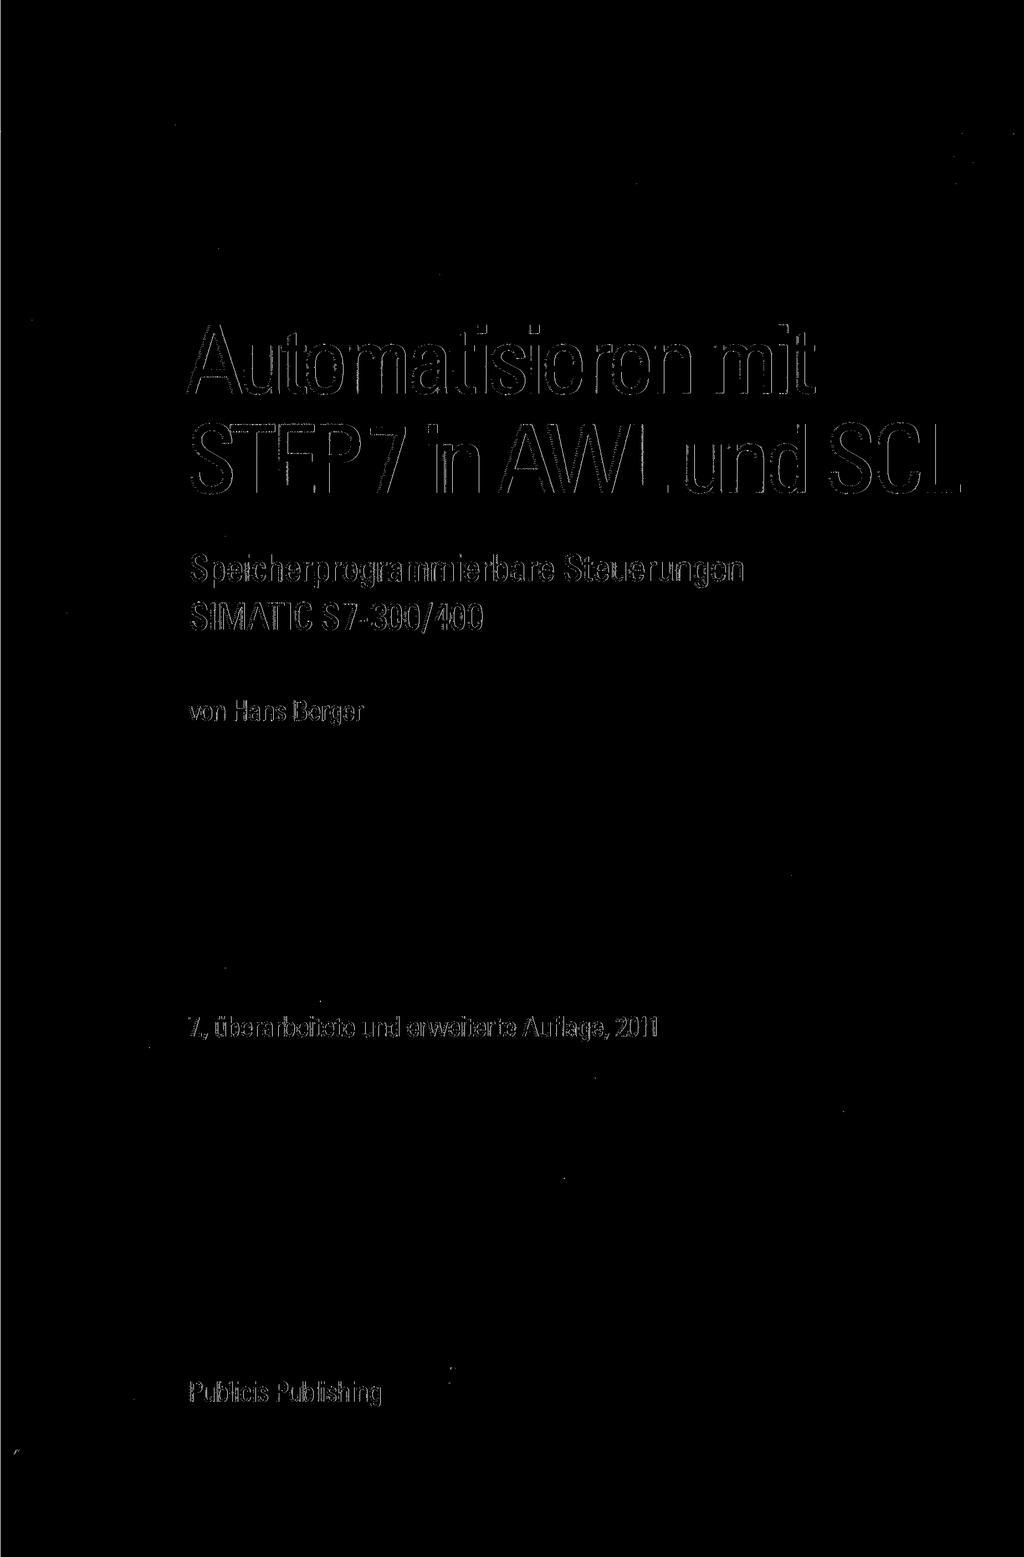 simatic s7 400 manual pdf